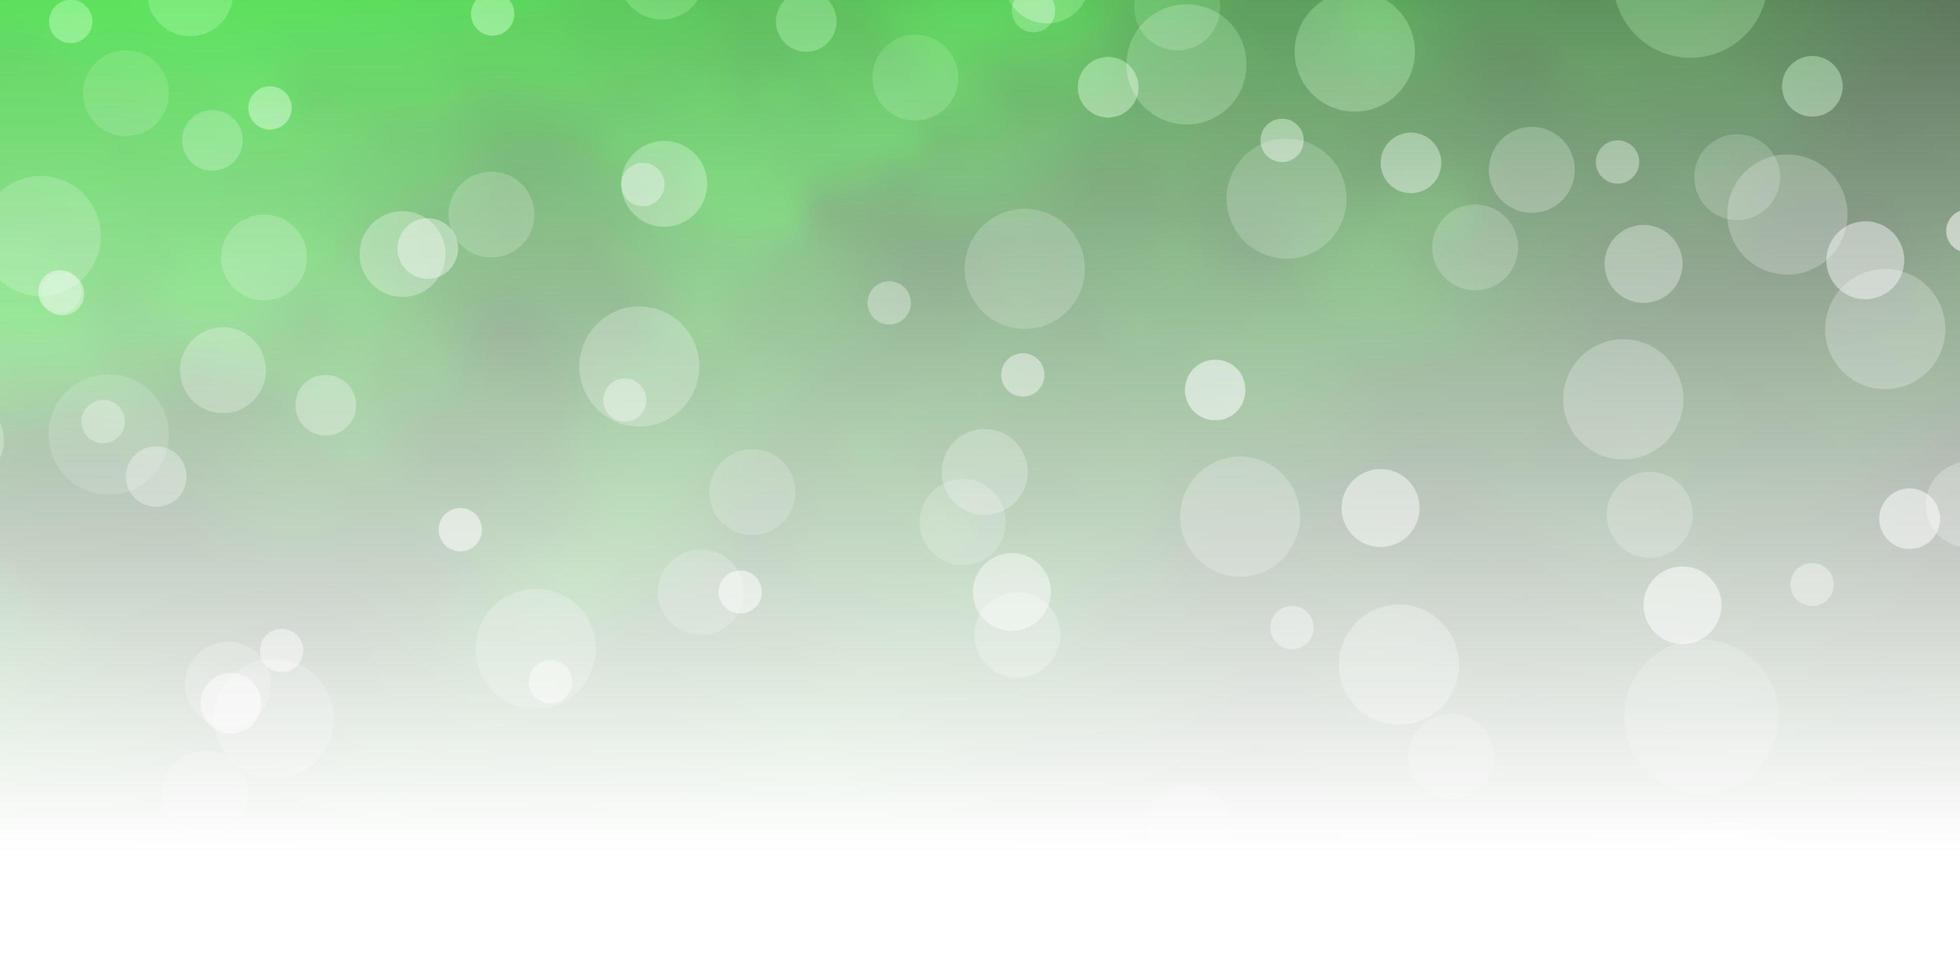 texture vert clair avec des cercles. vecteur